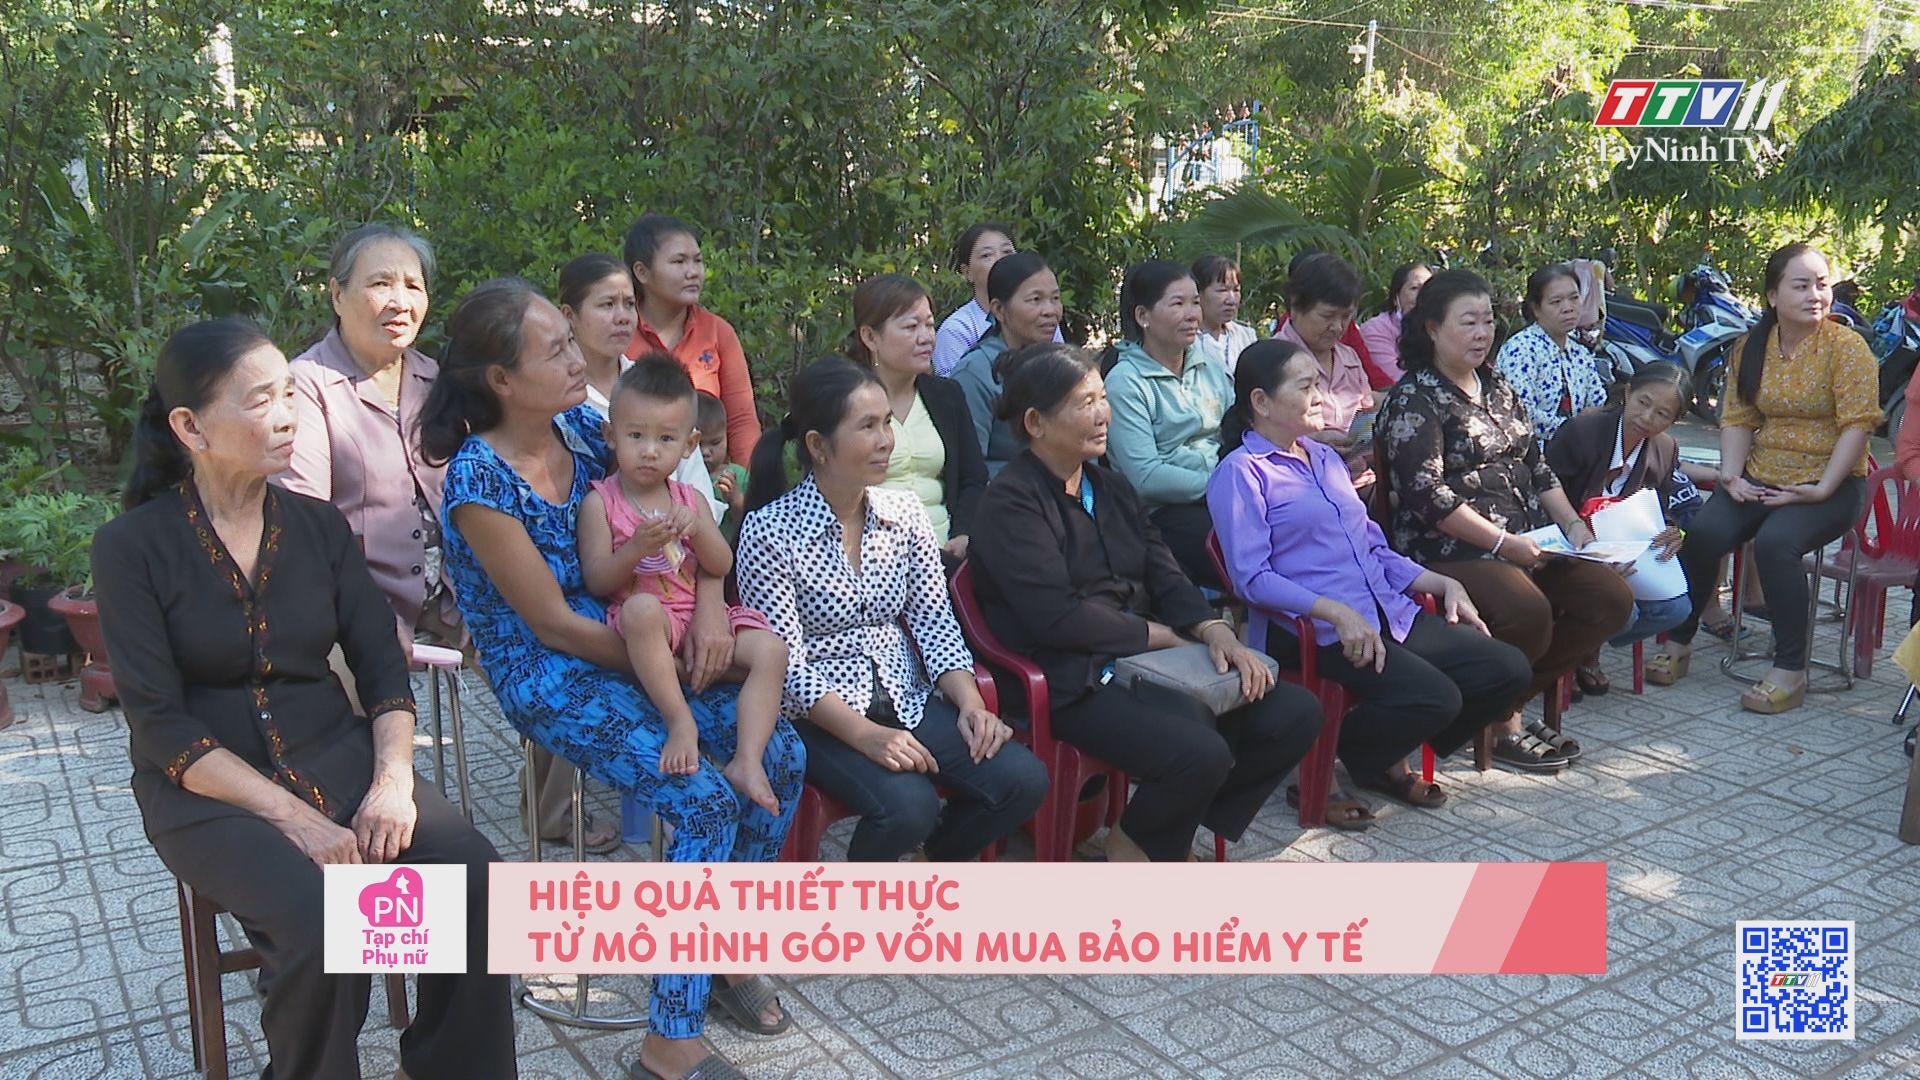 Hiệu quả thiết thực từ mô hình góp vốn mua bảo hiểm y tế | TẠP CHÍ PHỤ NỮ | TayNinhTV